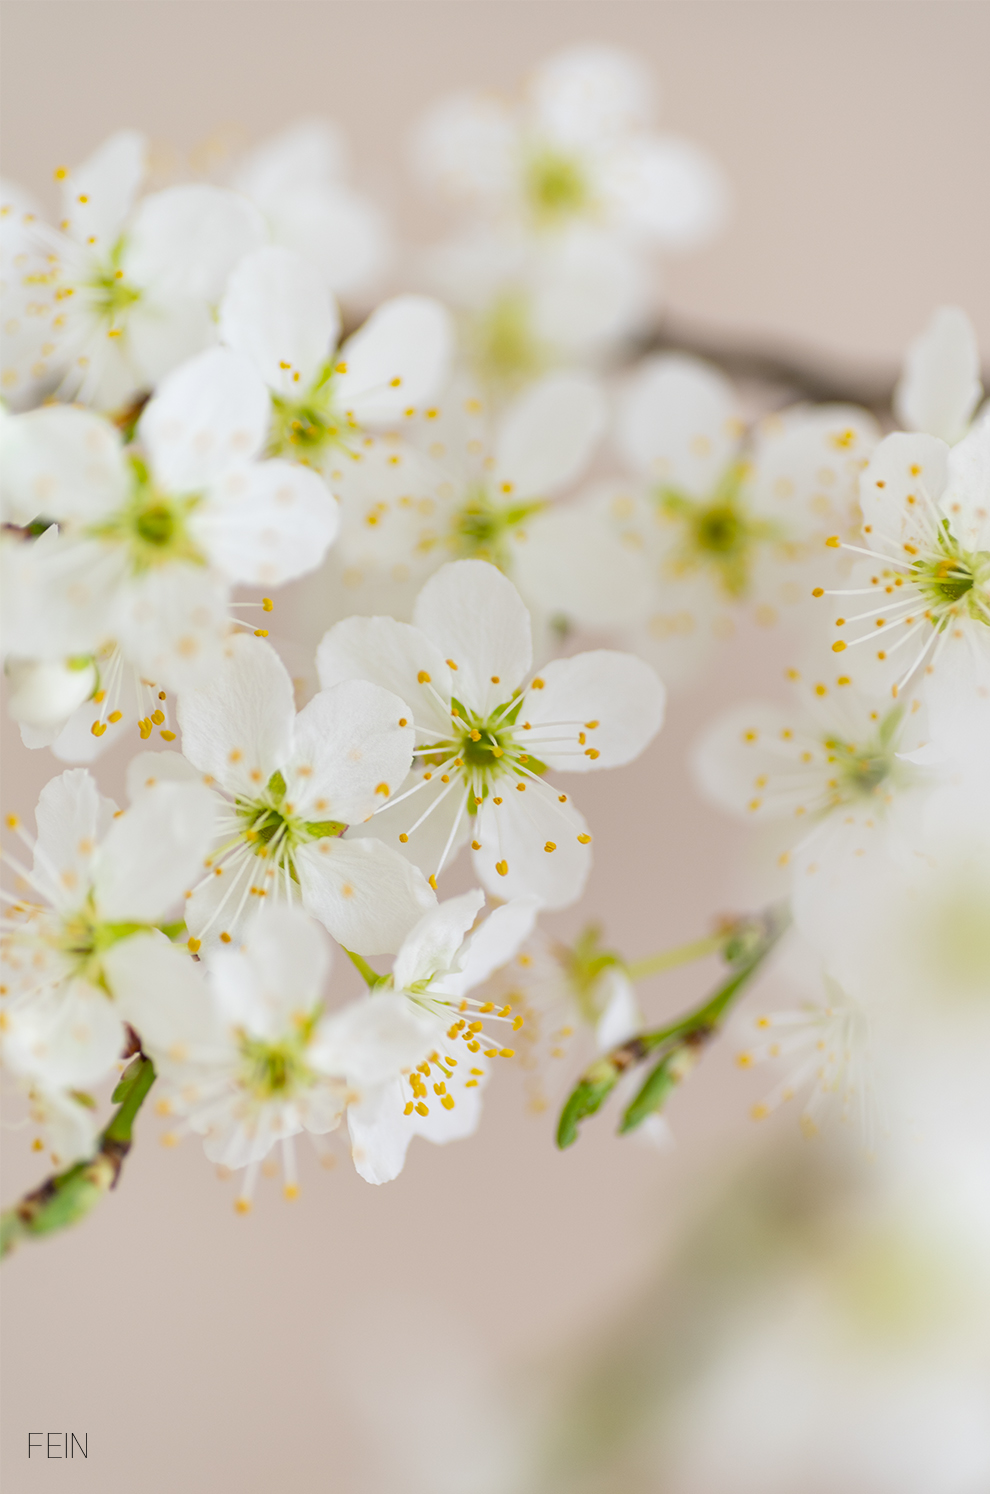 Blüten Frühling